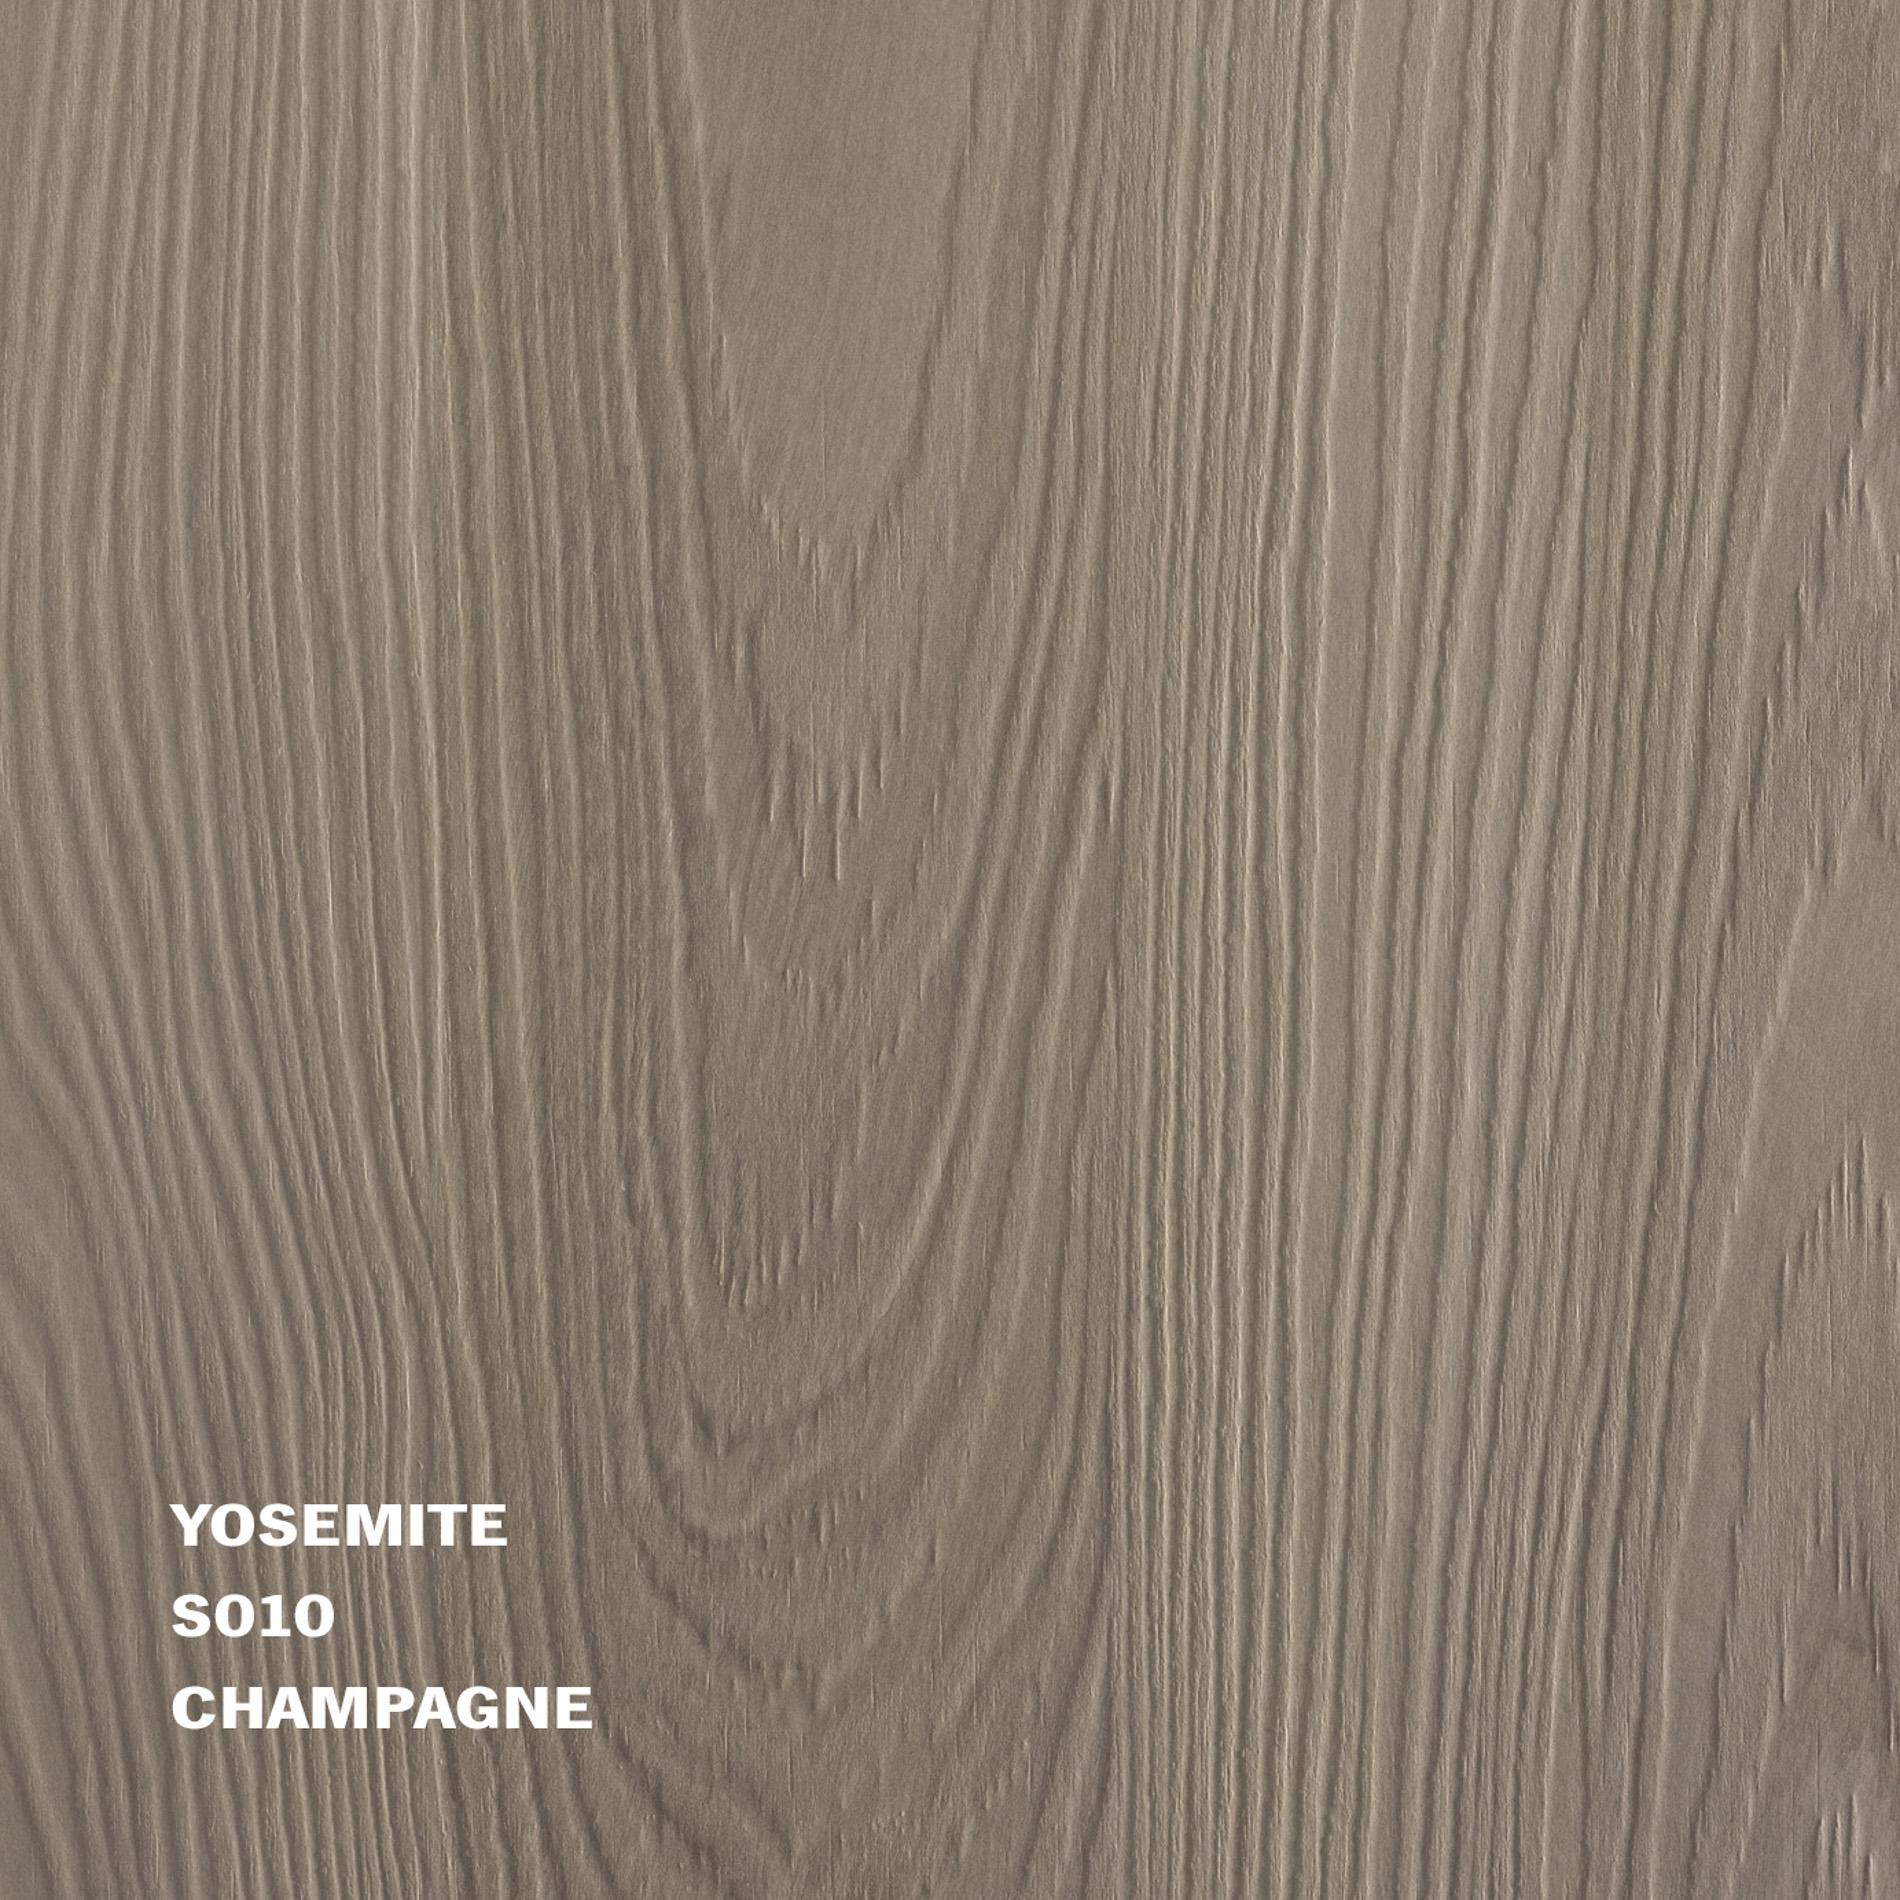 yosemite_s010